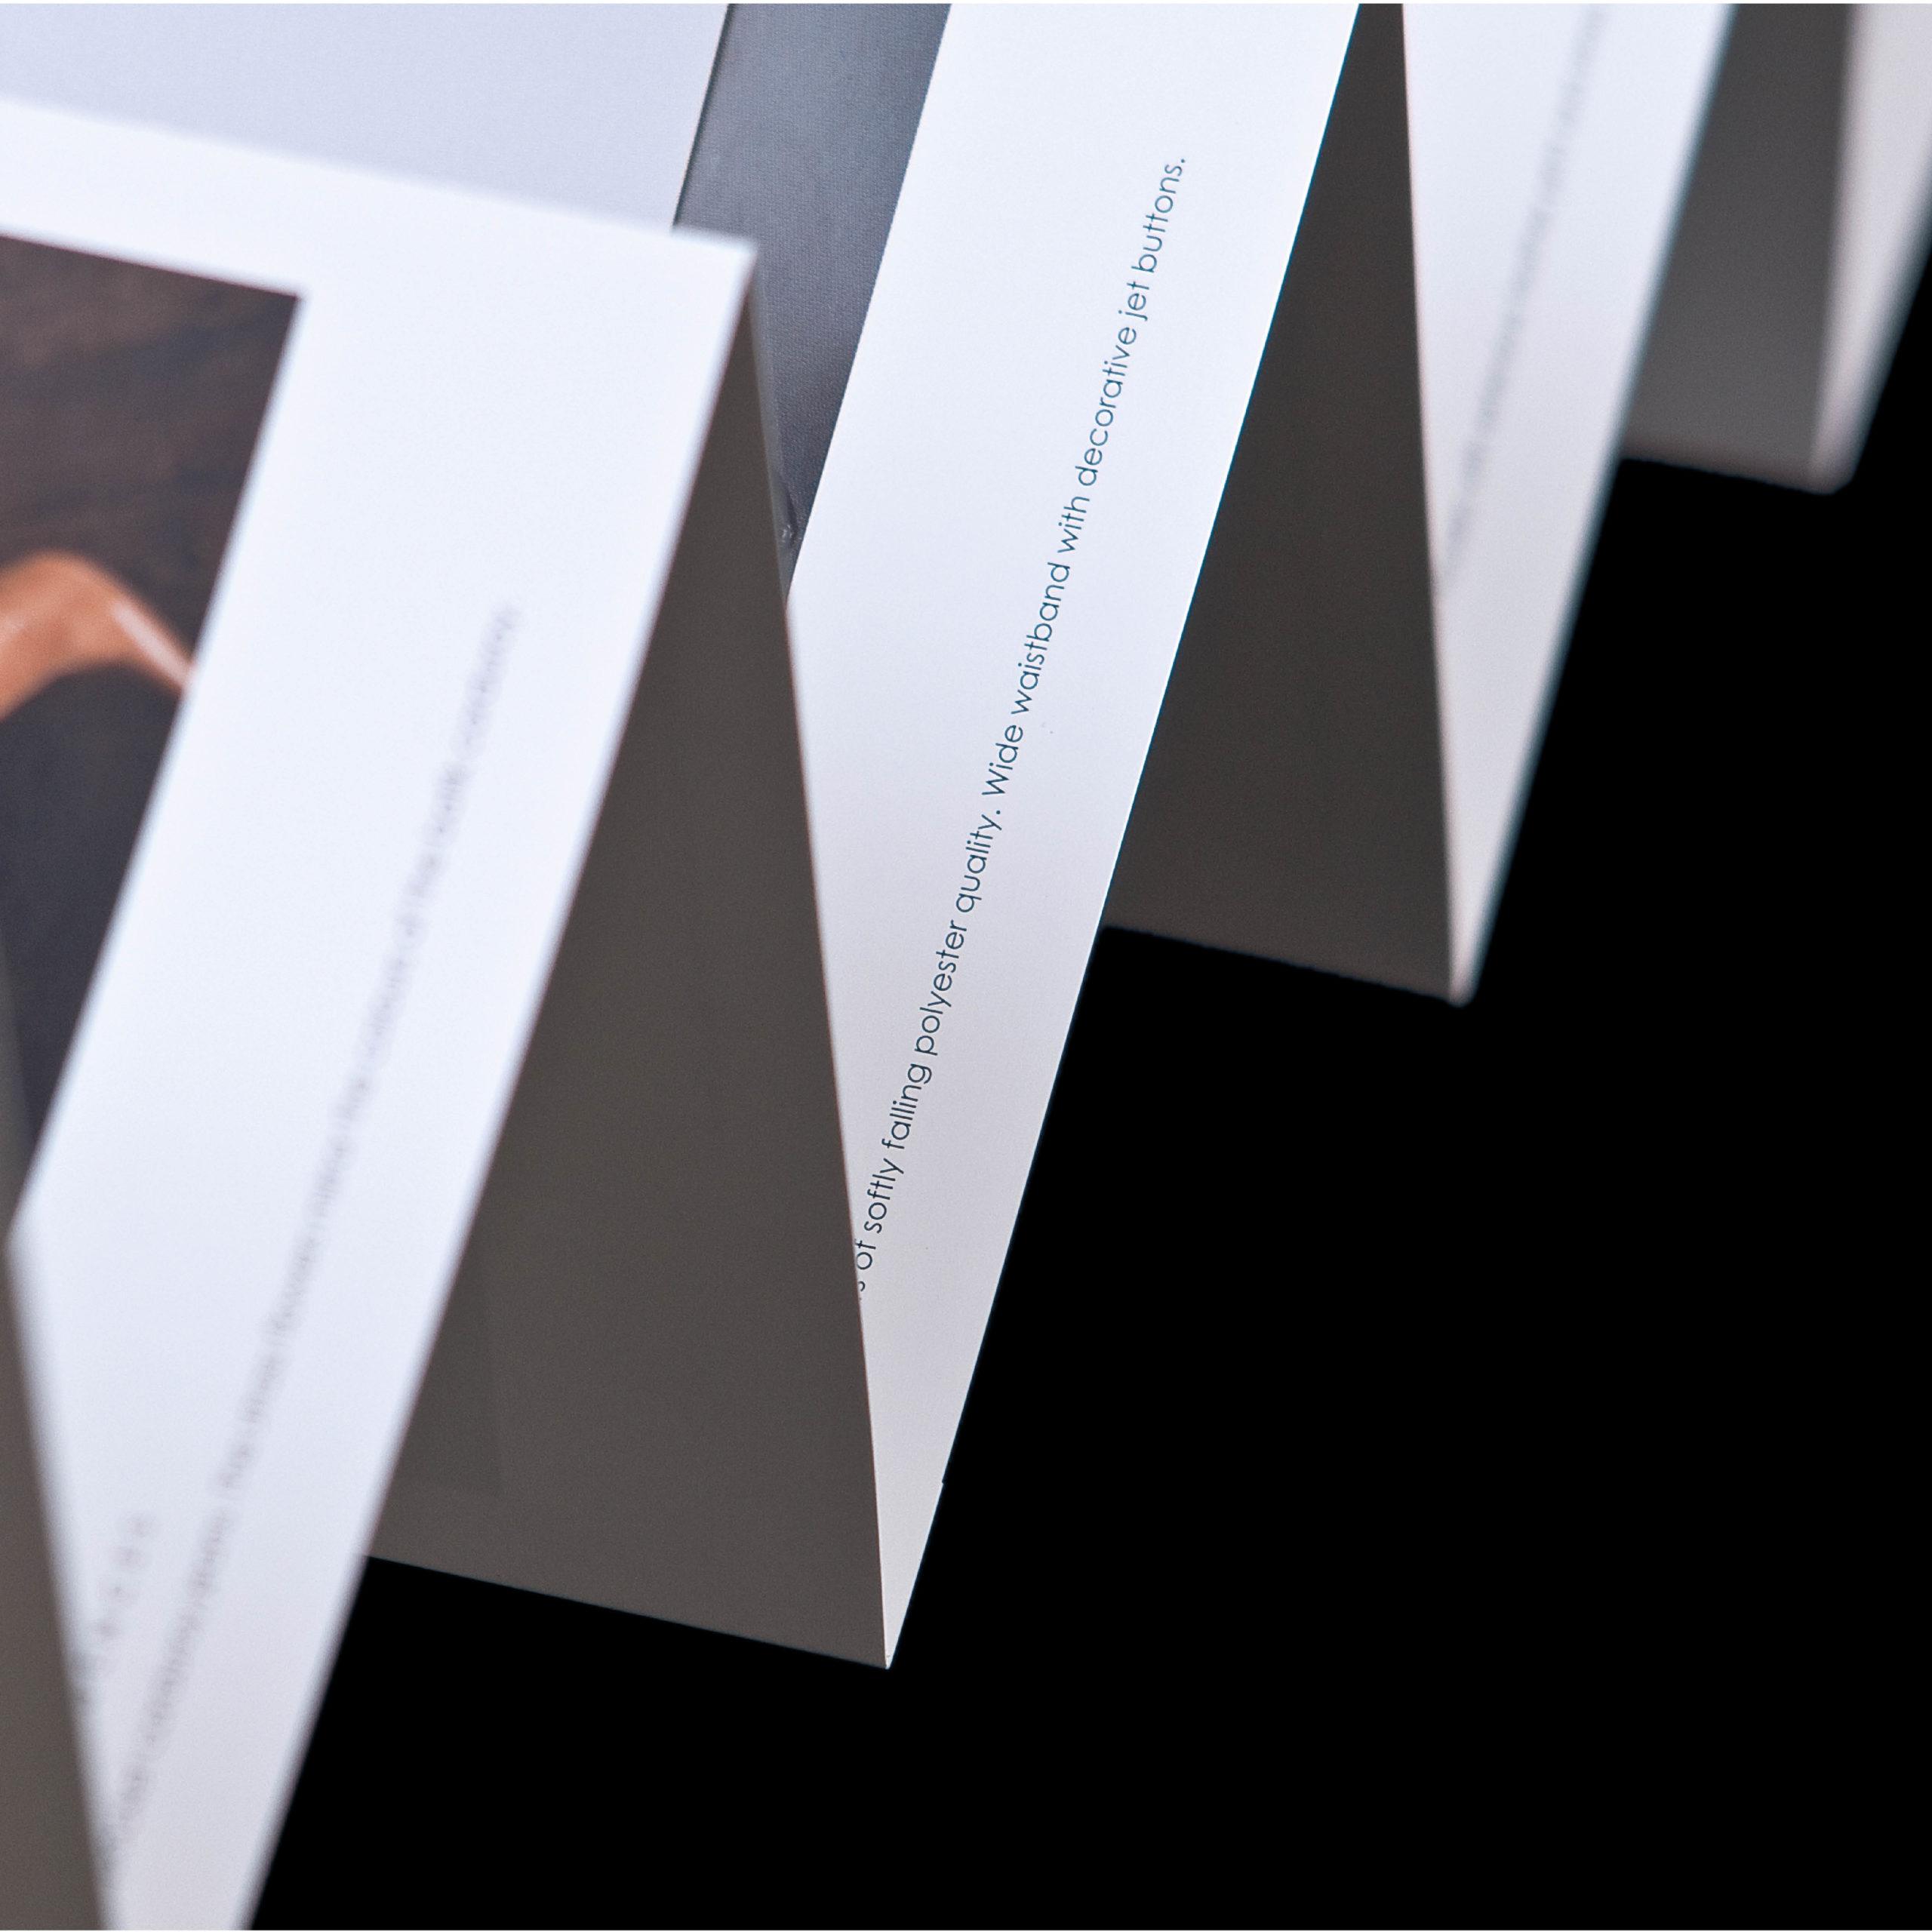 Interessante Detailfotografie für eine Imagebroschüre von Kawii